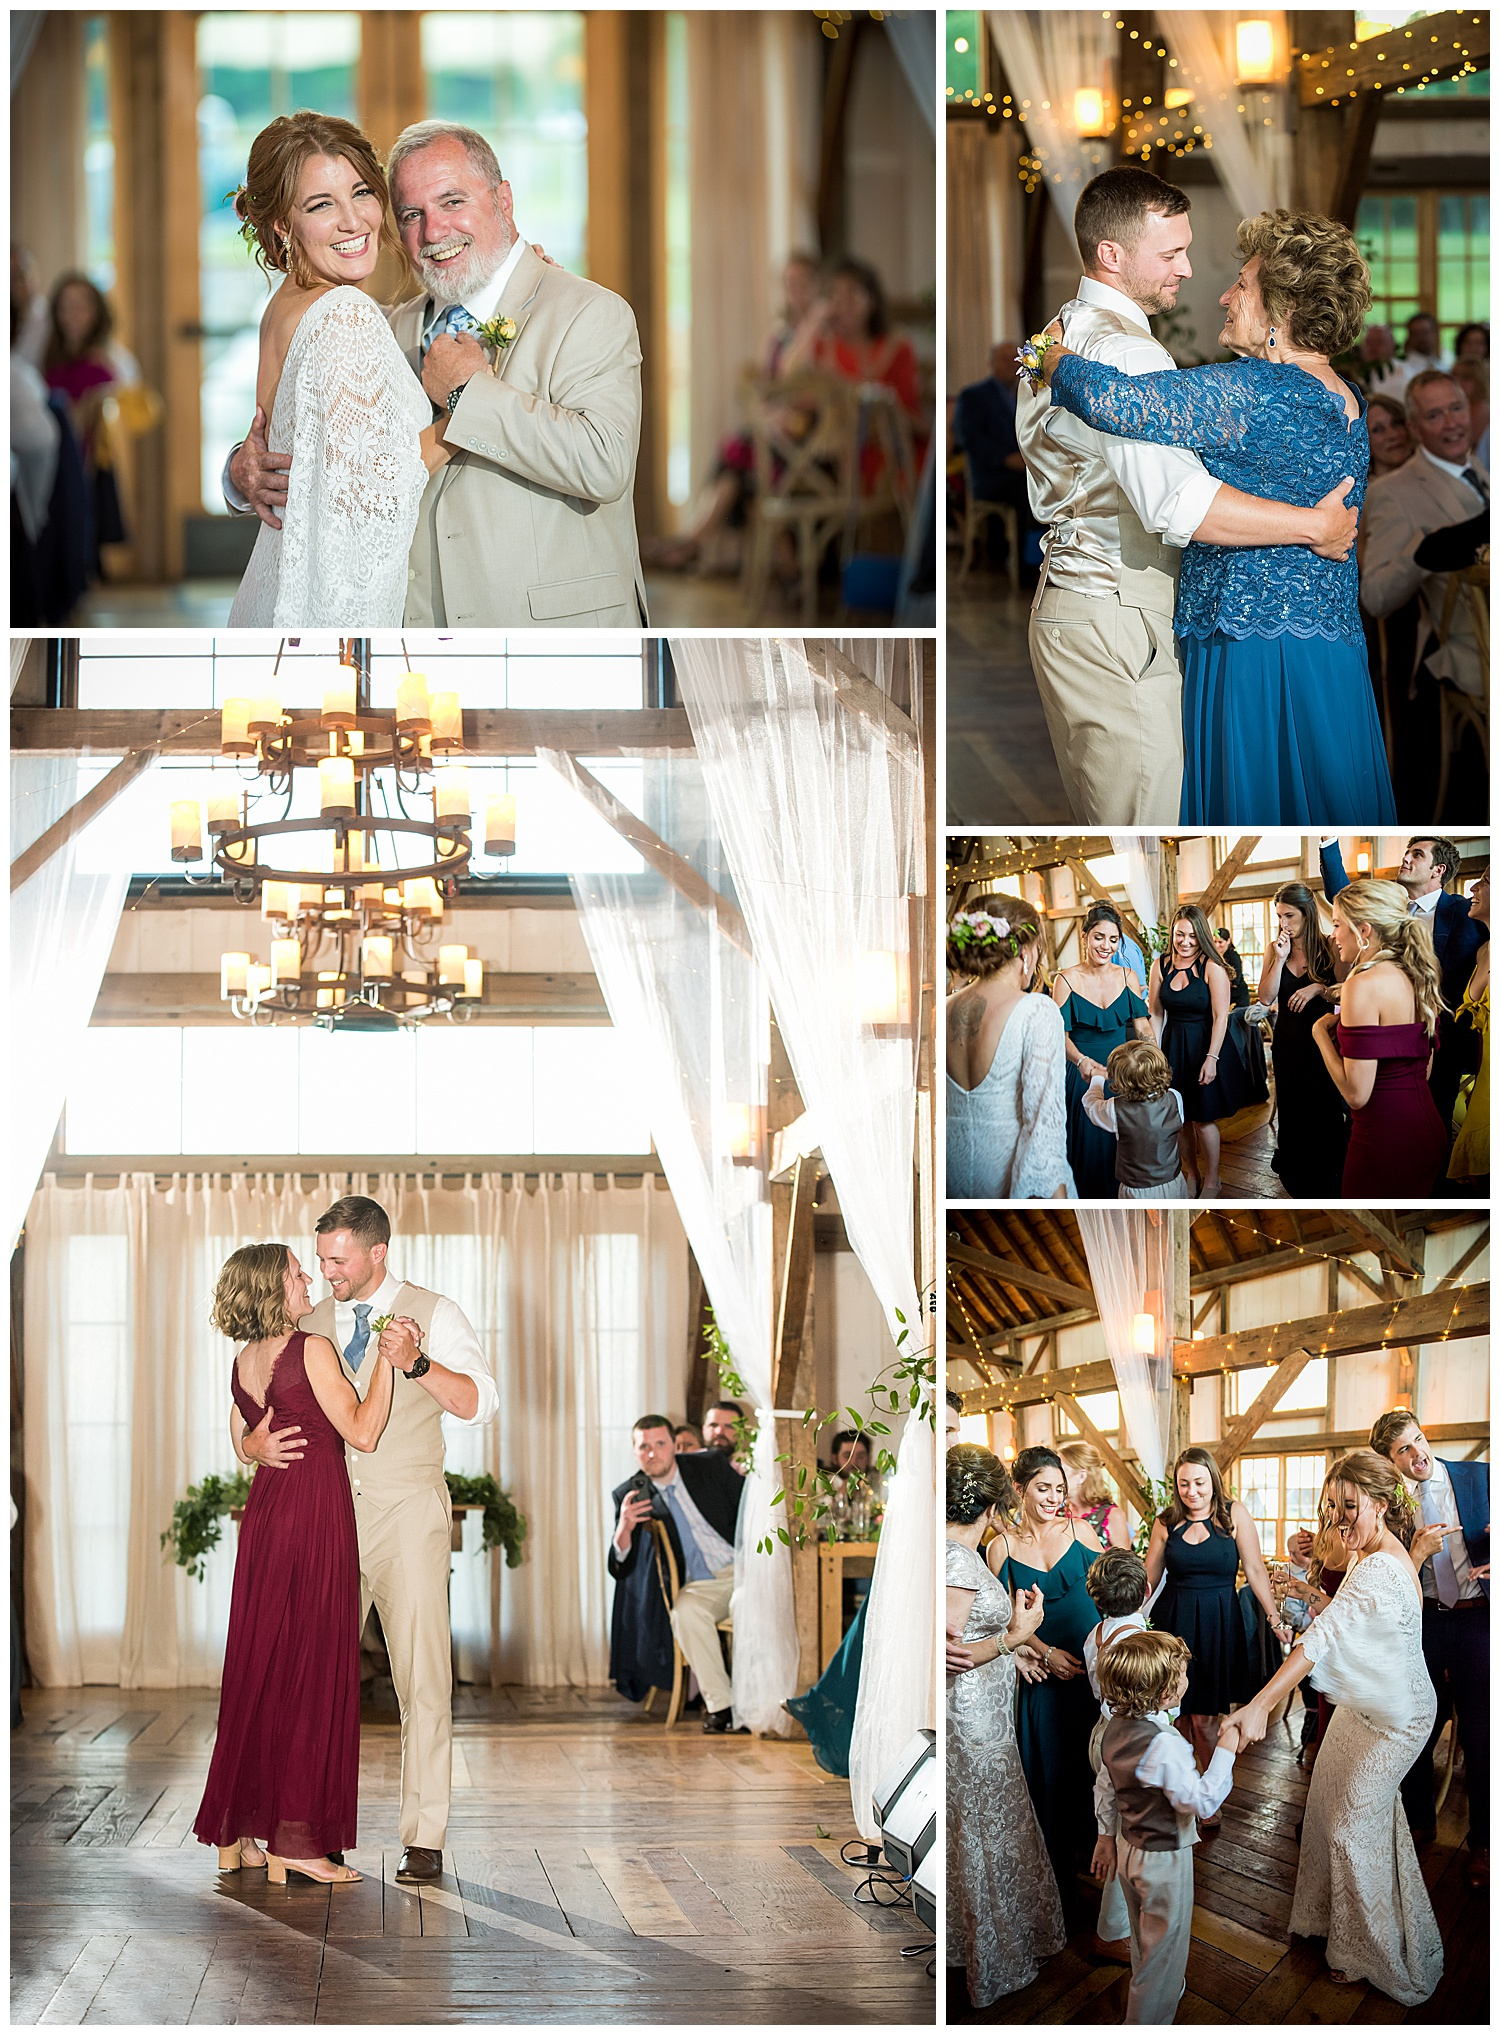 Valley View Farm Wedding - Reception Photos